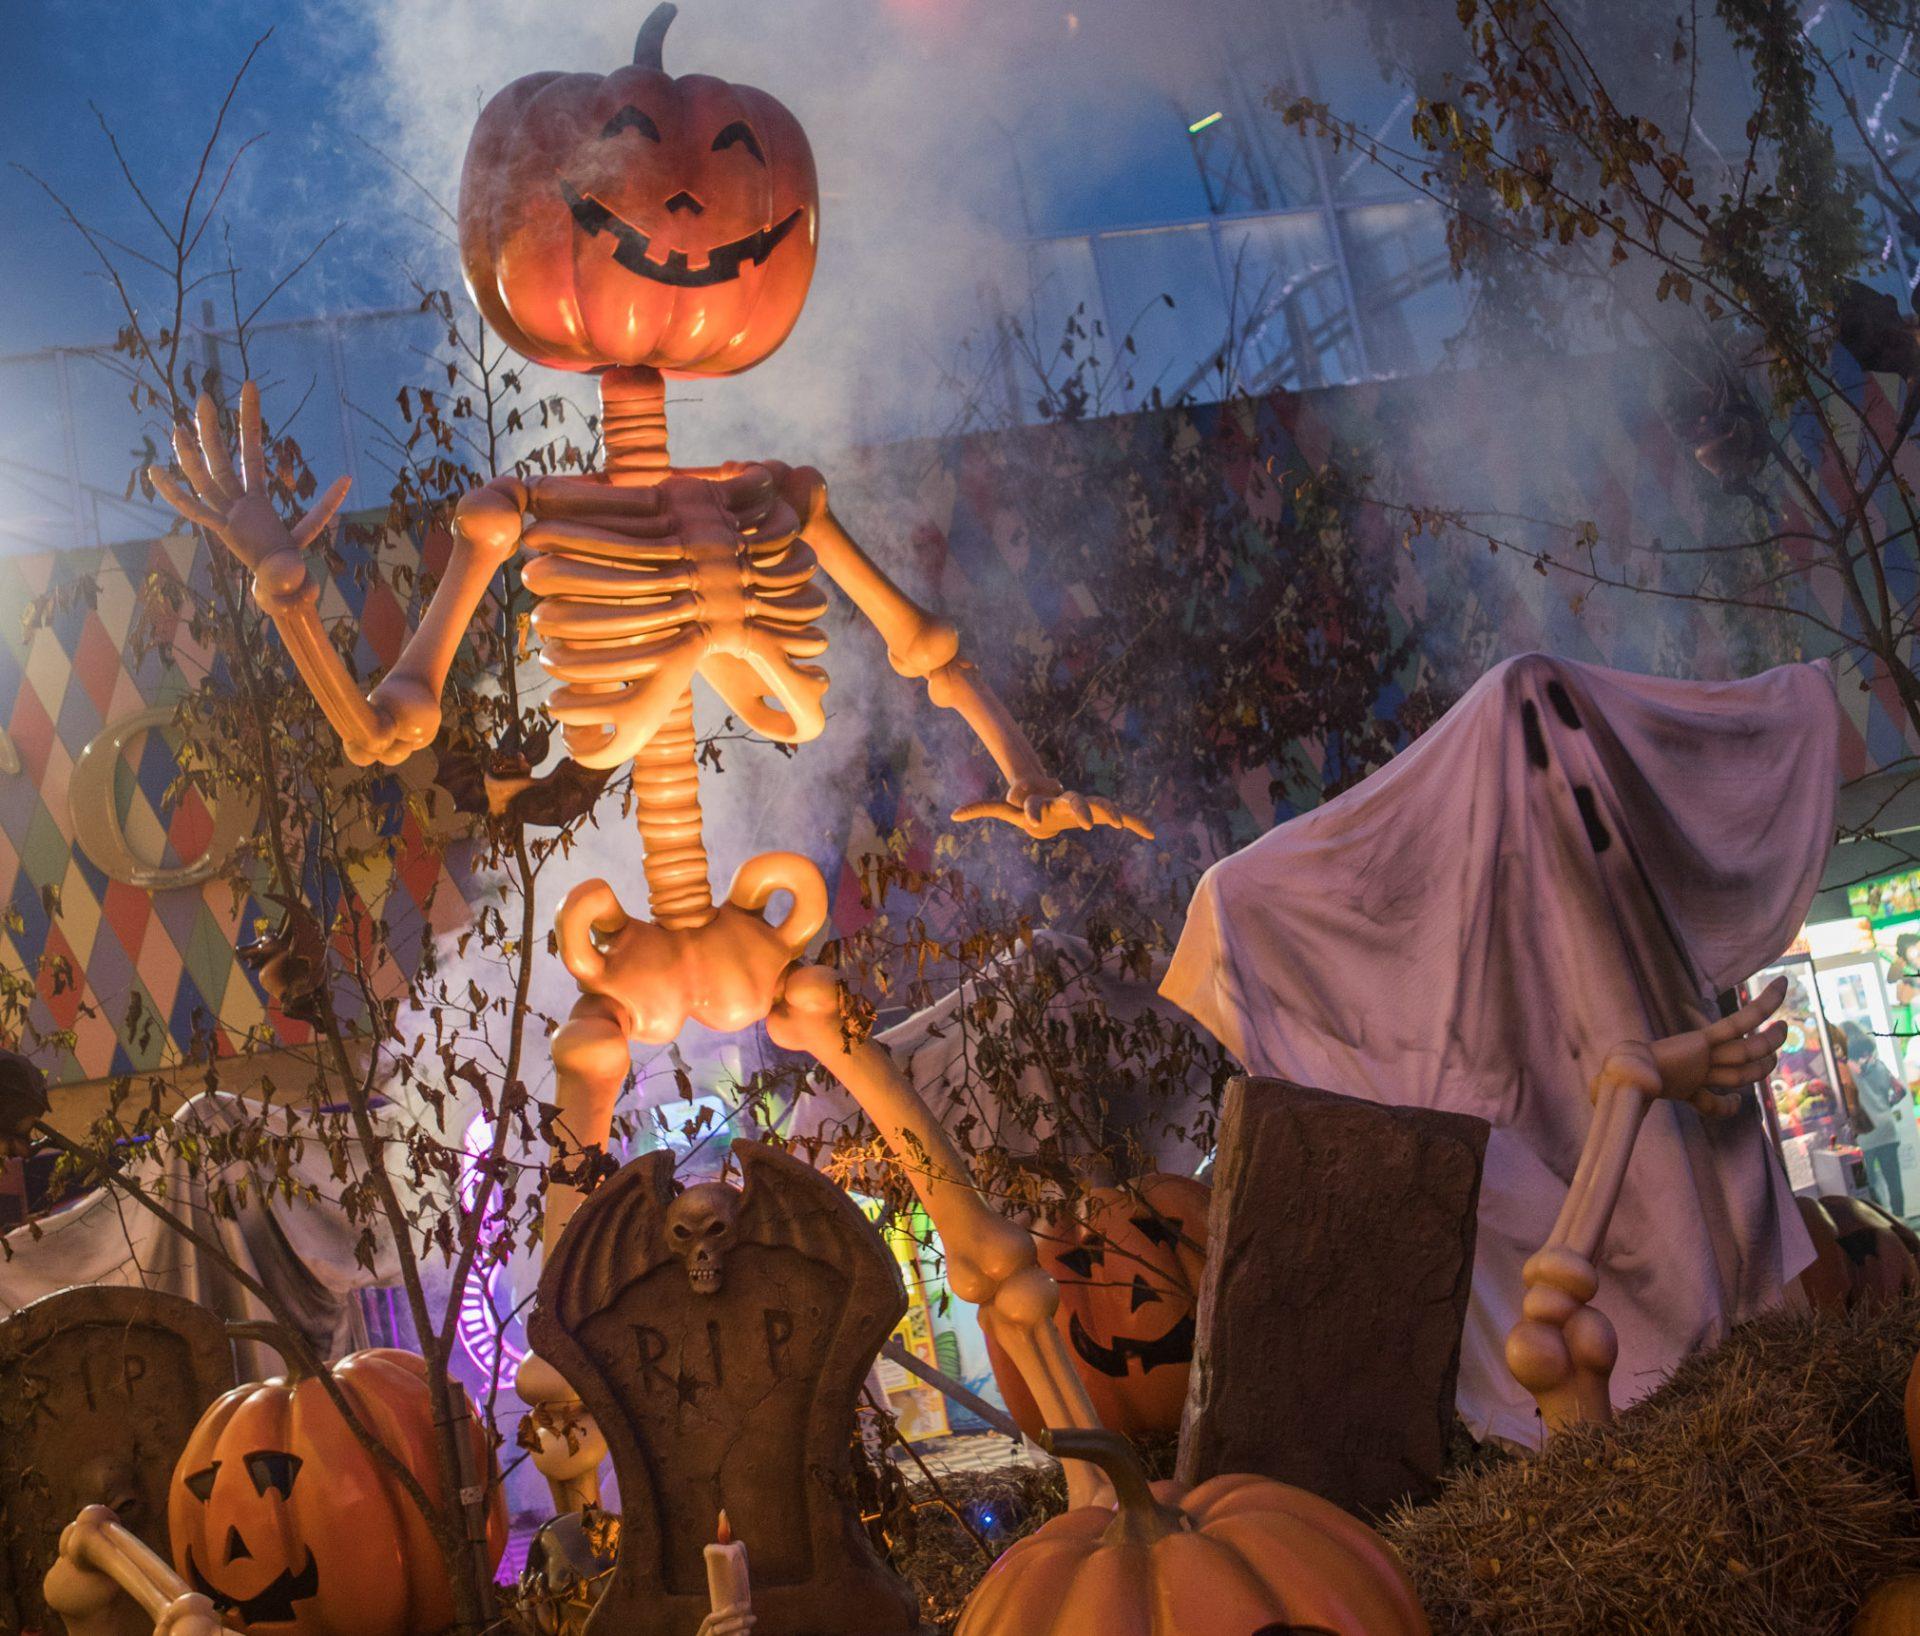 Halloween i Friheden: Efterårsferien bliver fyldt med gys & gru